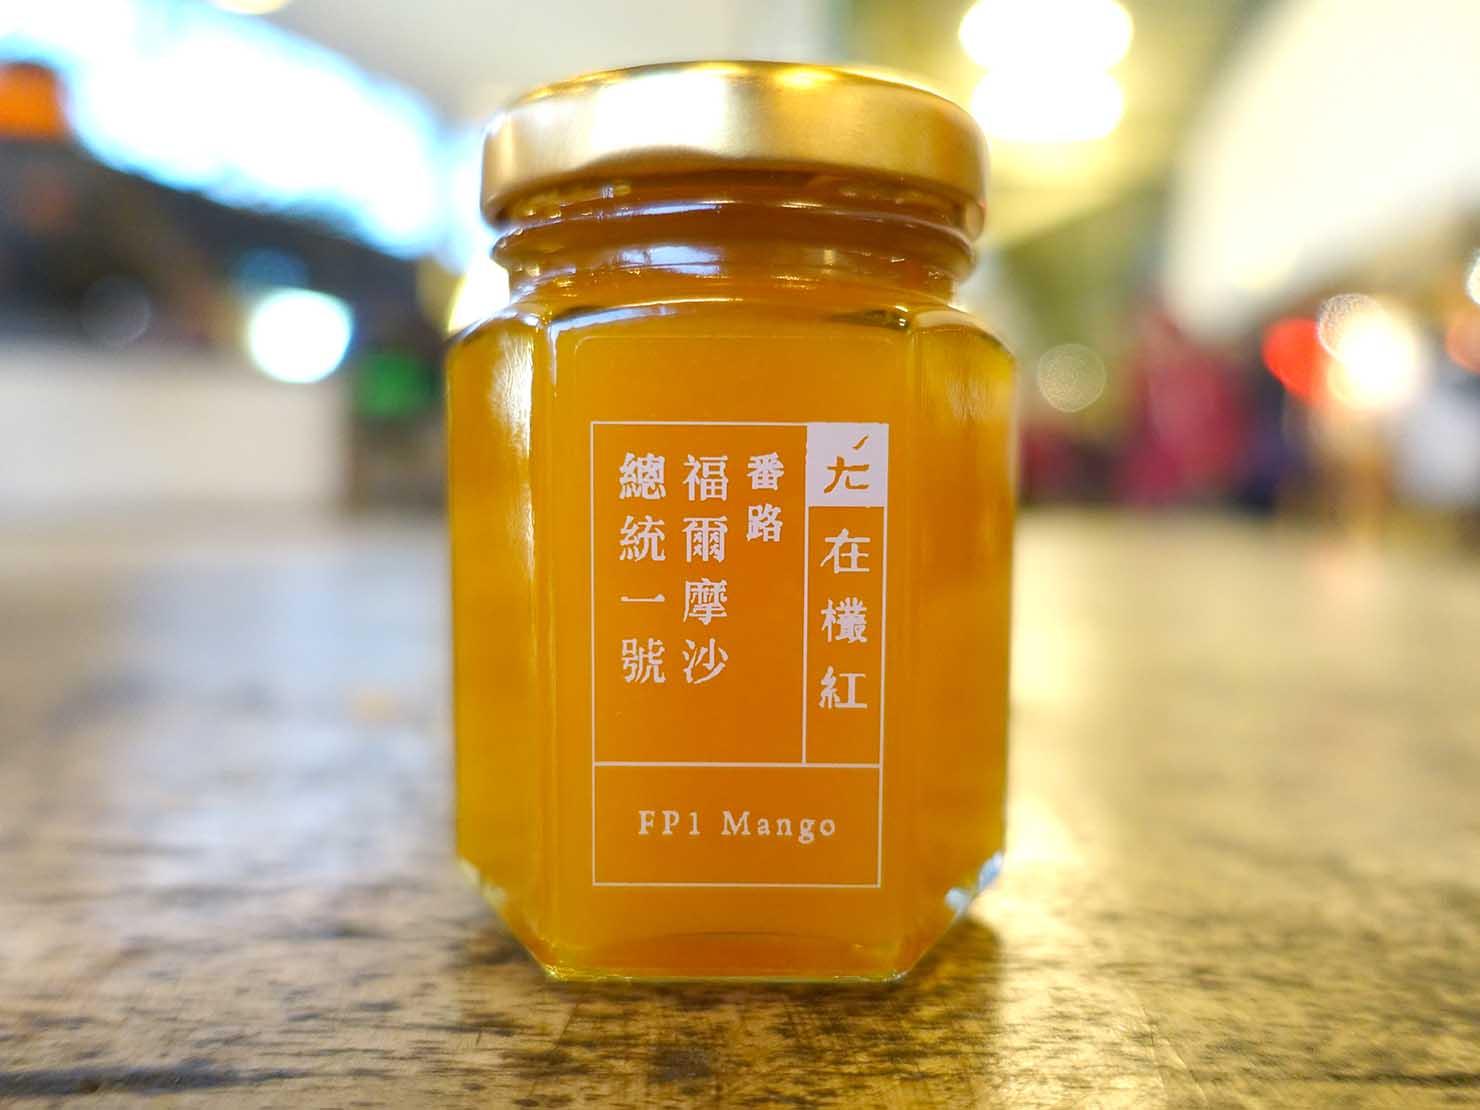 台北おみやげ探しにピッタリのスーパー「神農市集 MAJI FOOD&DELI」で見つけた「在欉紅 番路福爾摩沙總統一號果醬(マンゴージャム)」パッケージ